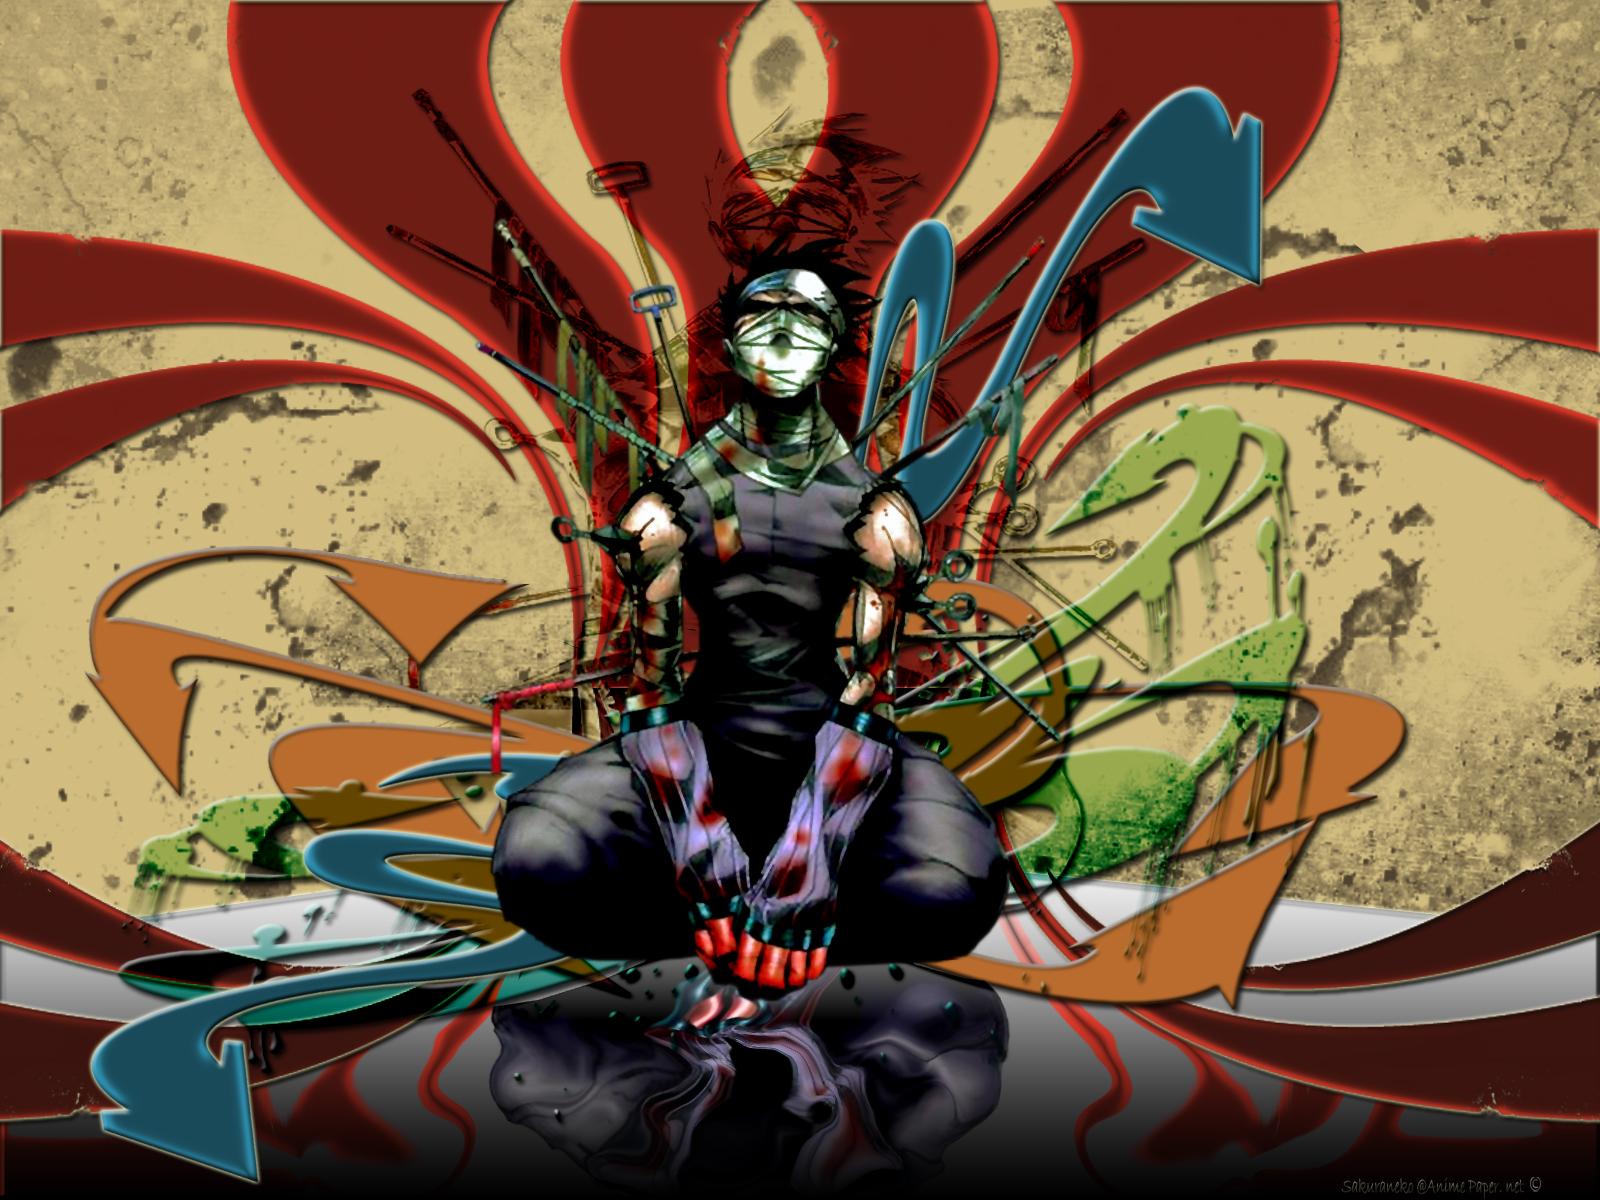 Thousand arms lotus 1600x1200 anime wallpapers anime - Anime 1600x1200 ...